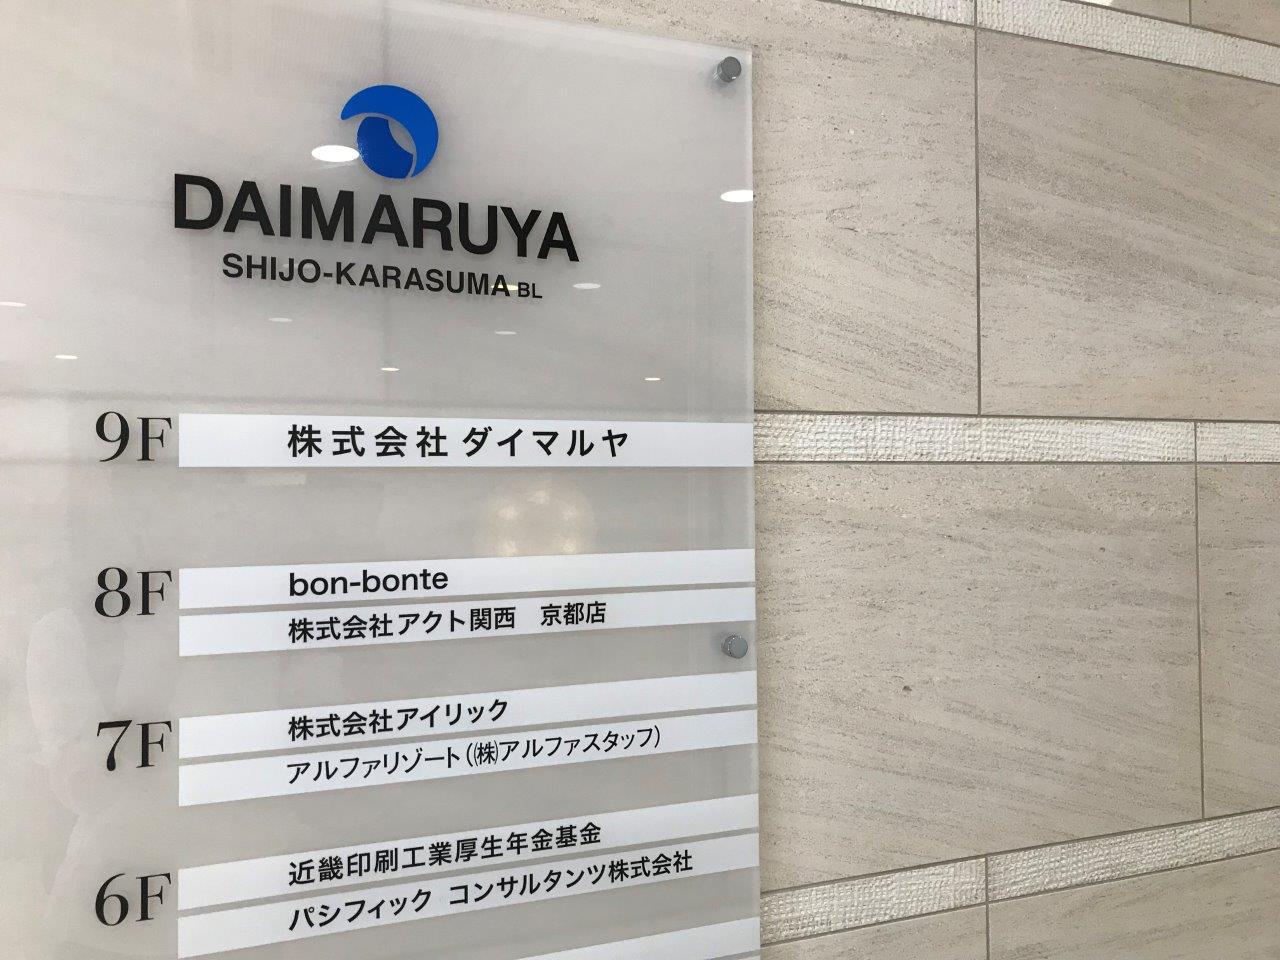 アルファリゾートの京都支店